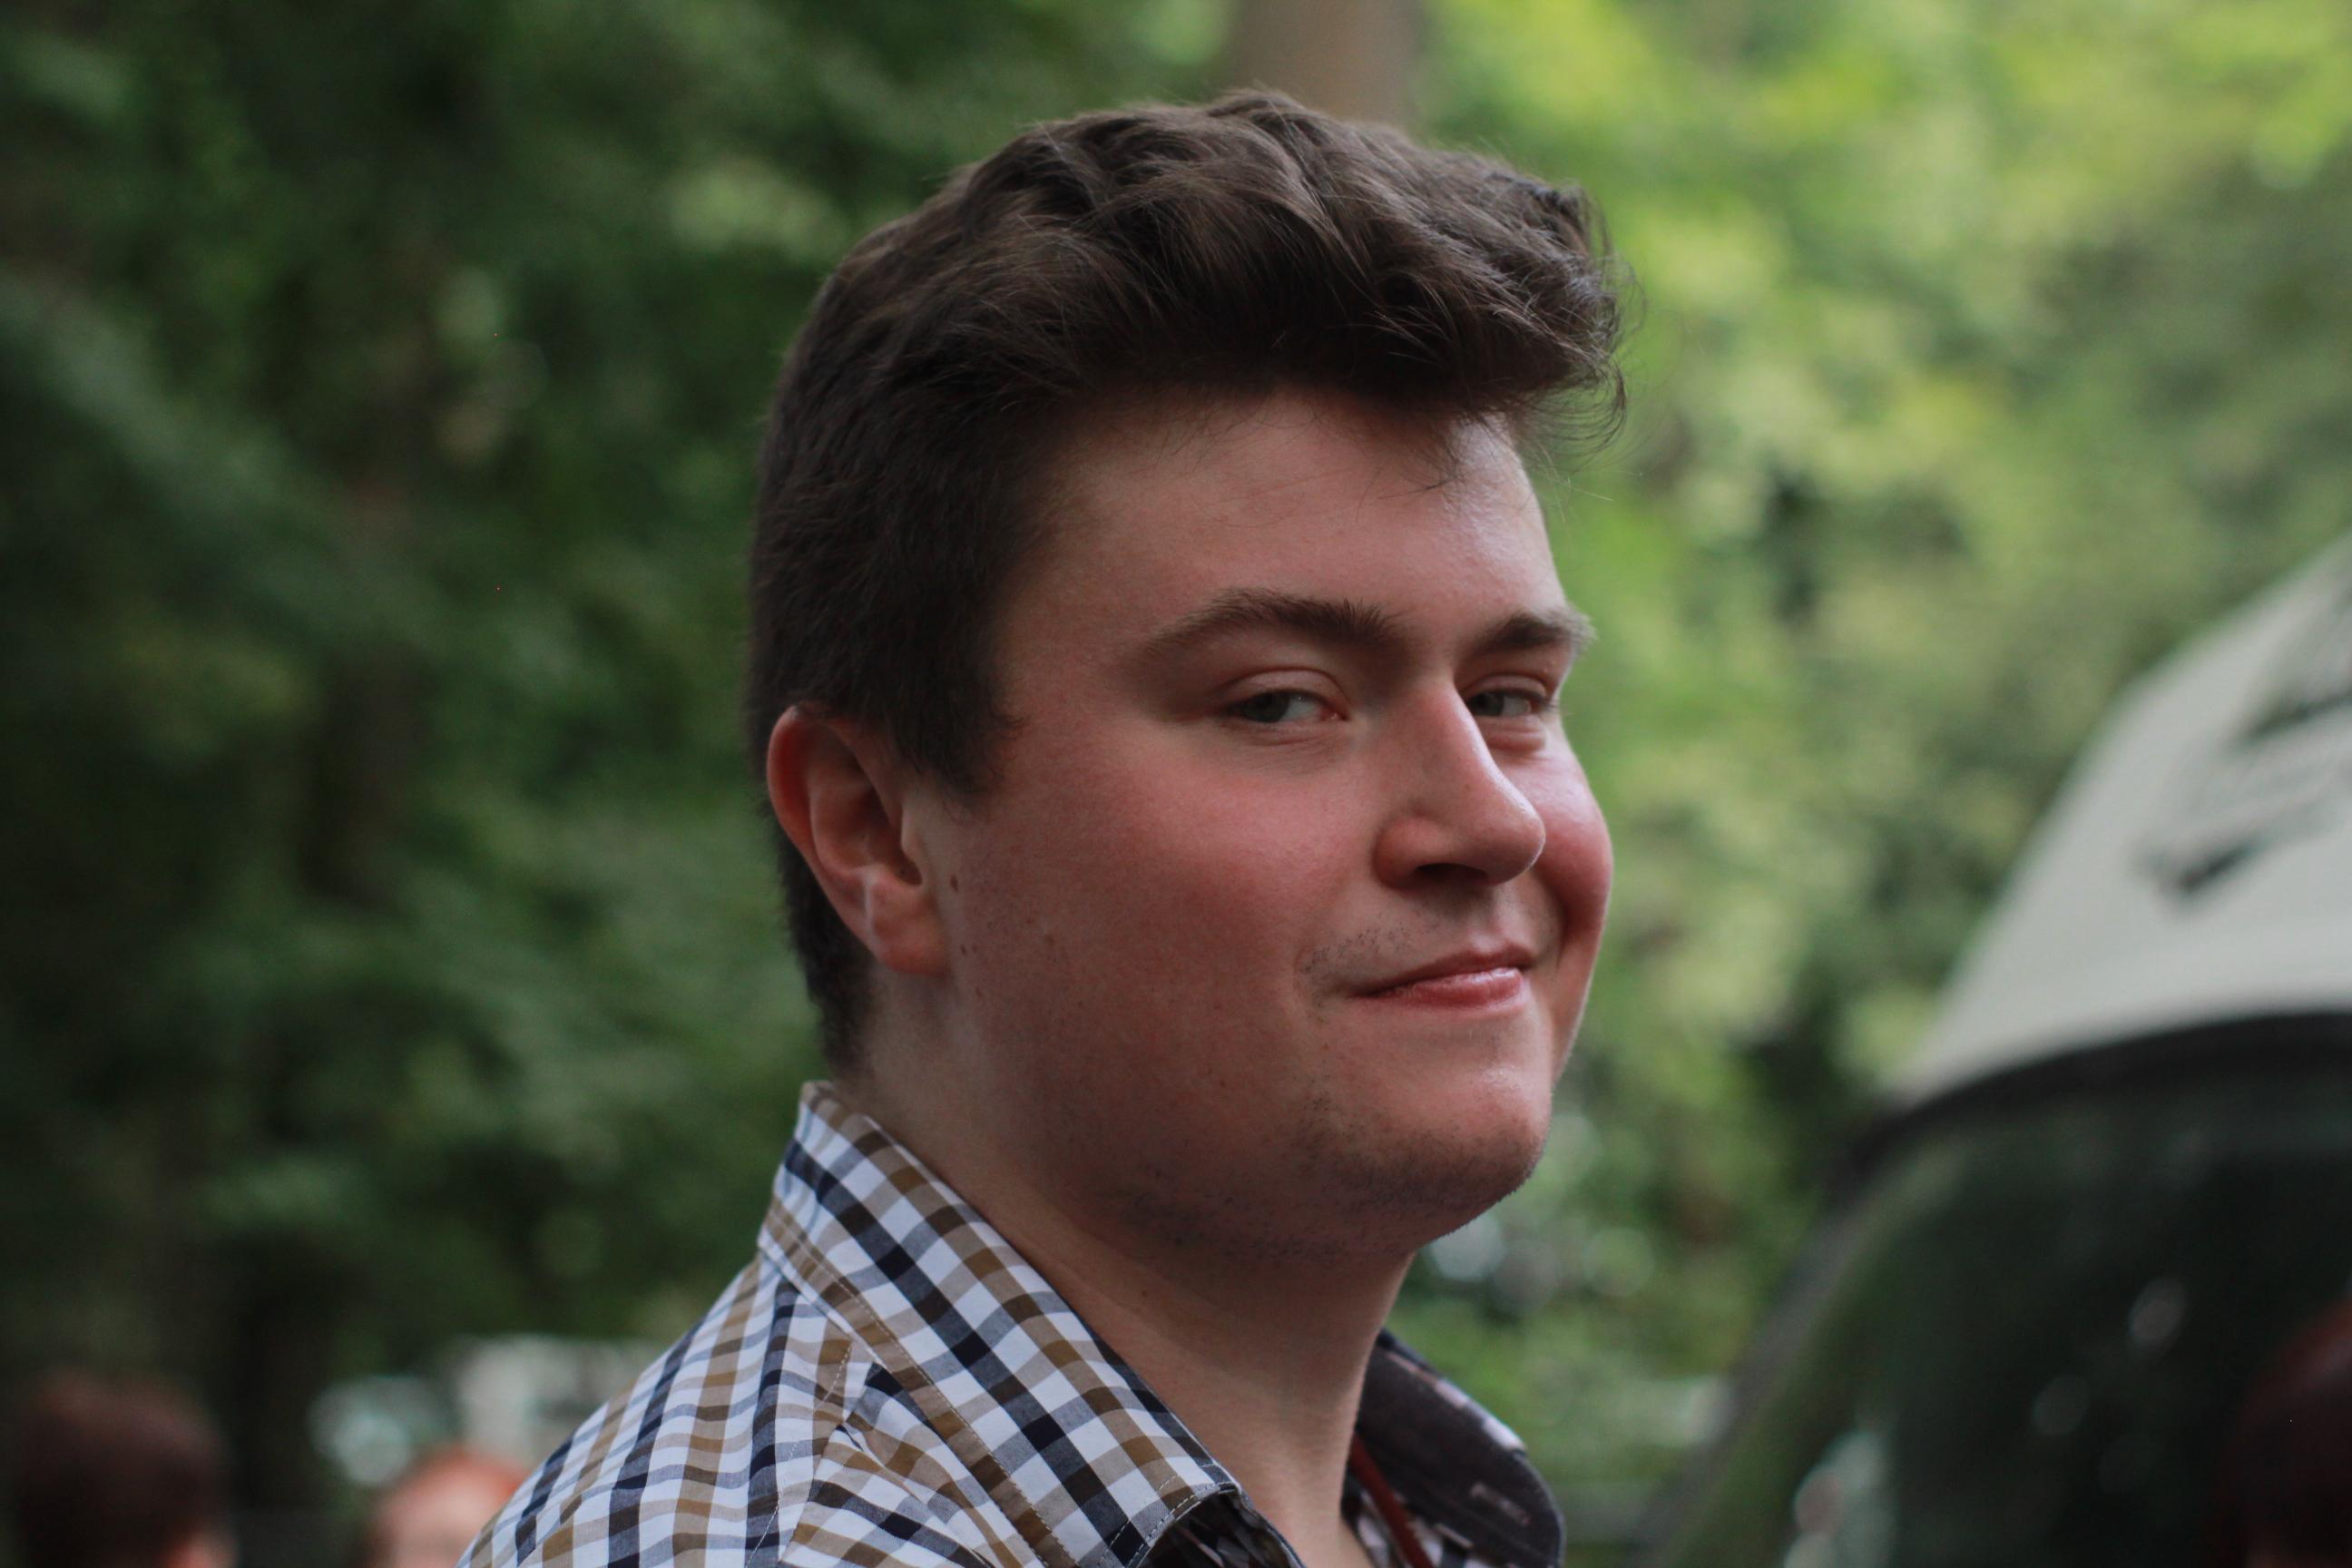 Maciej-Trojanowicz